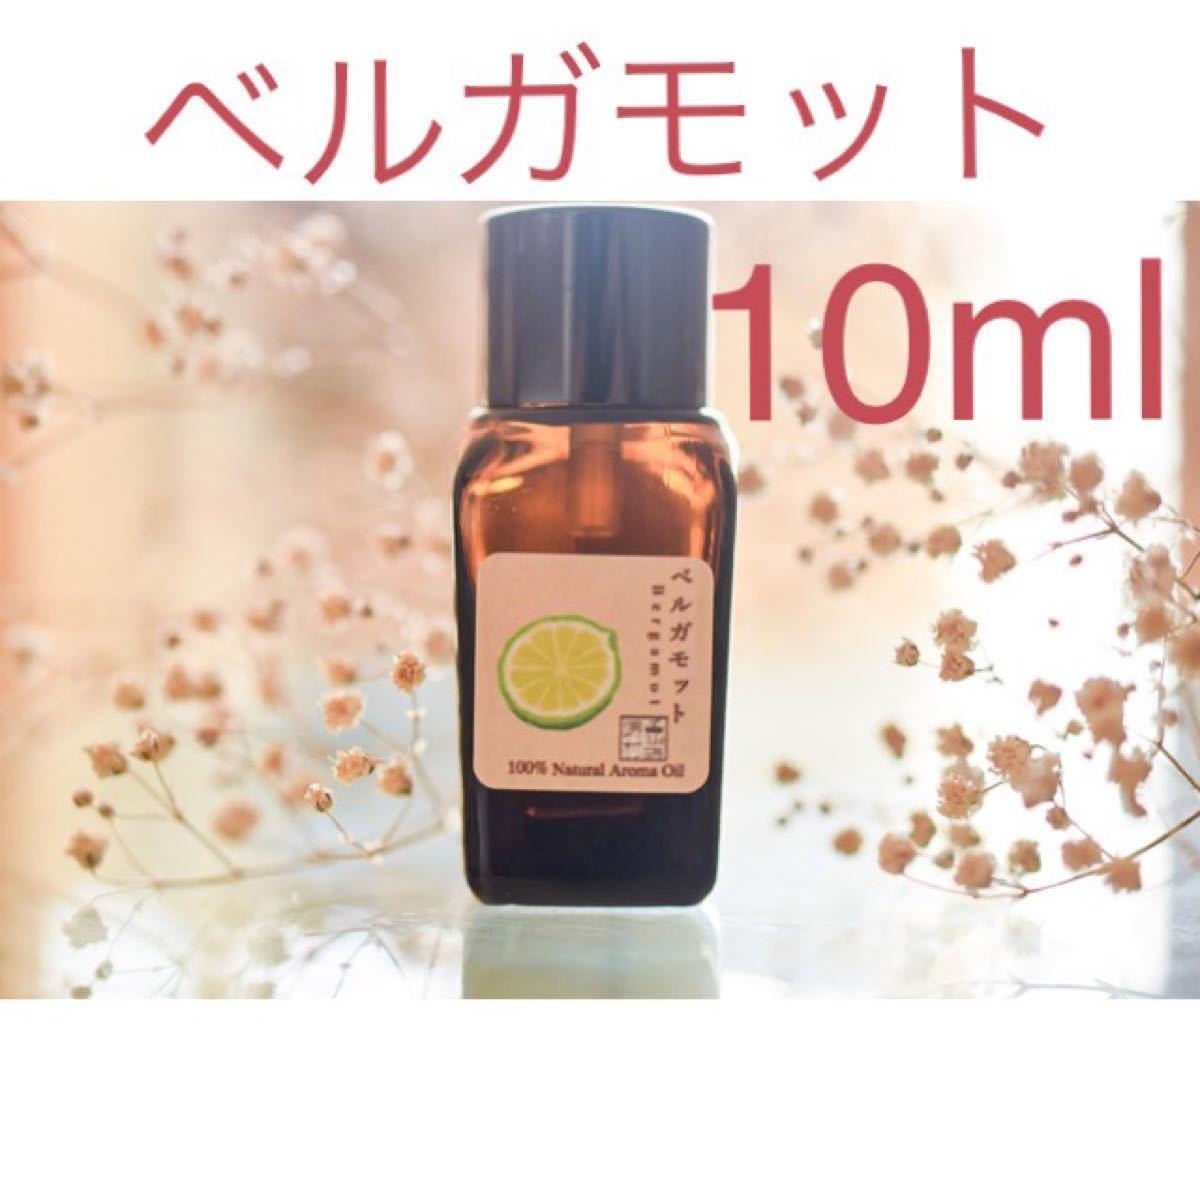 ベルガモット 10ml アロマ用精油 エッセンシャルオイル